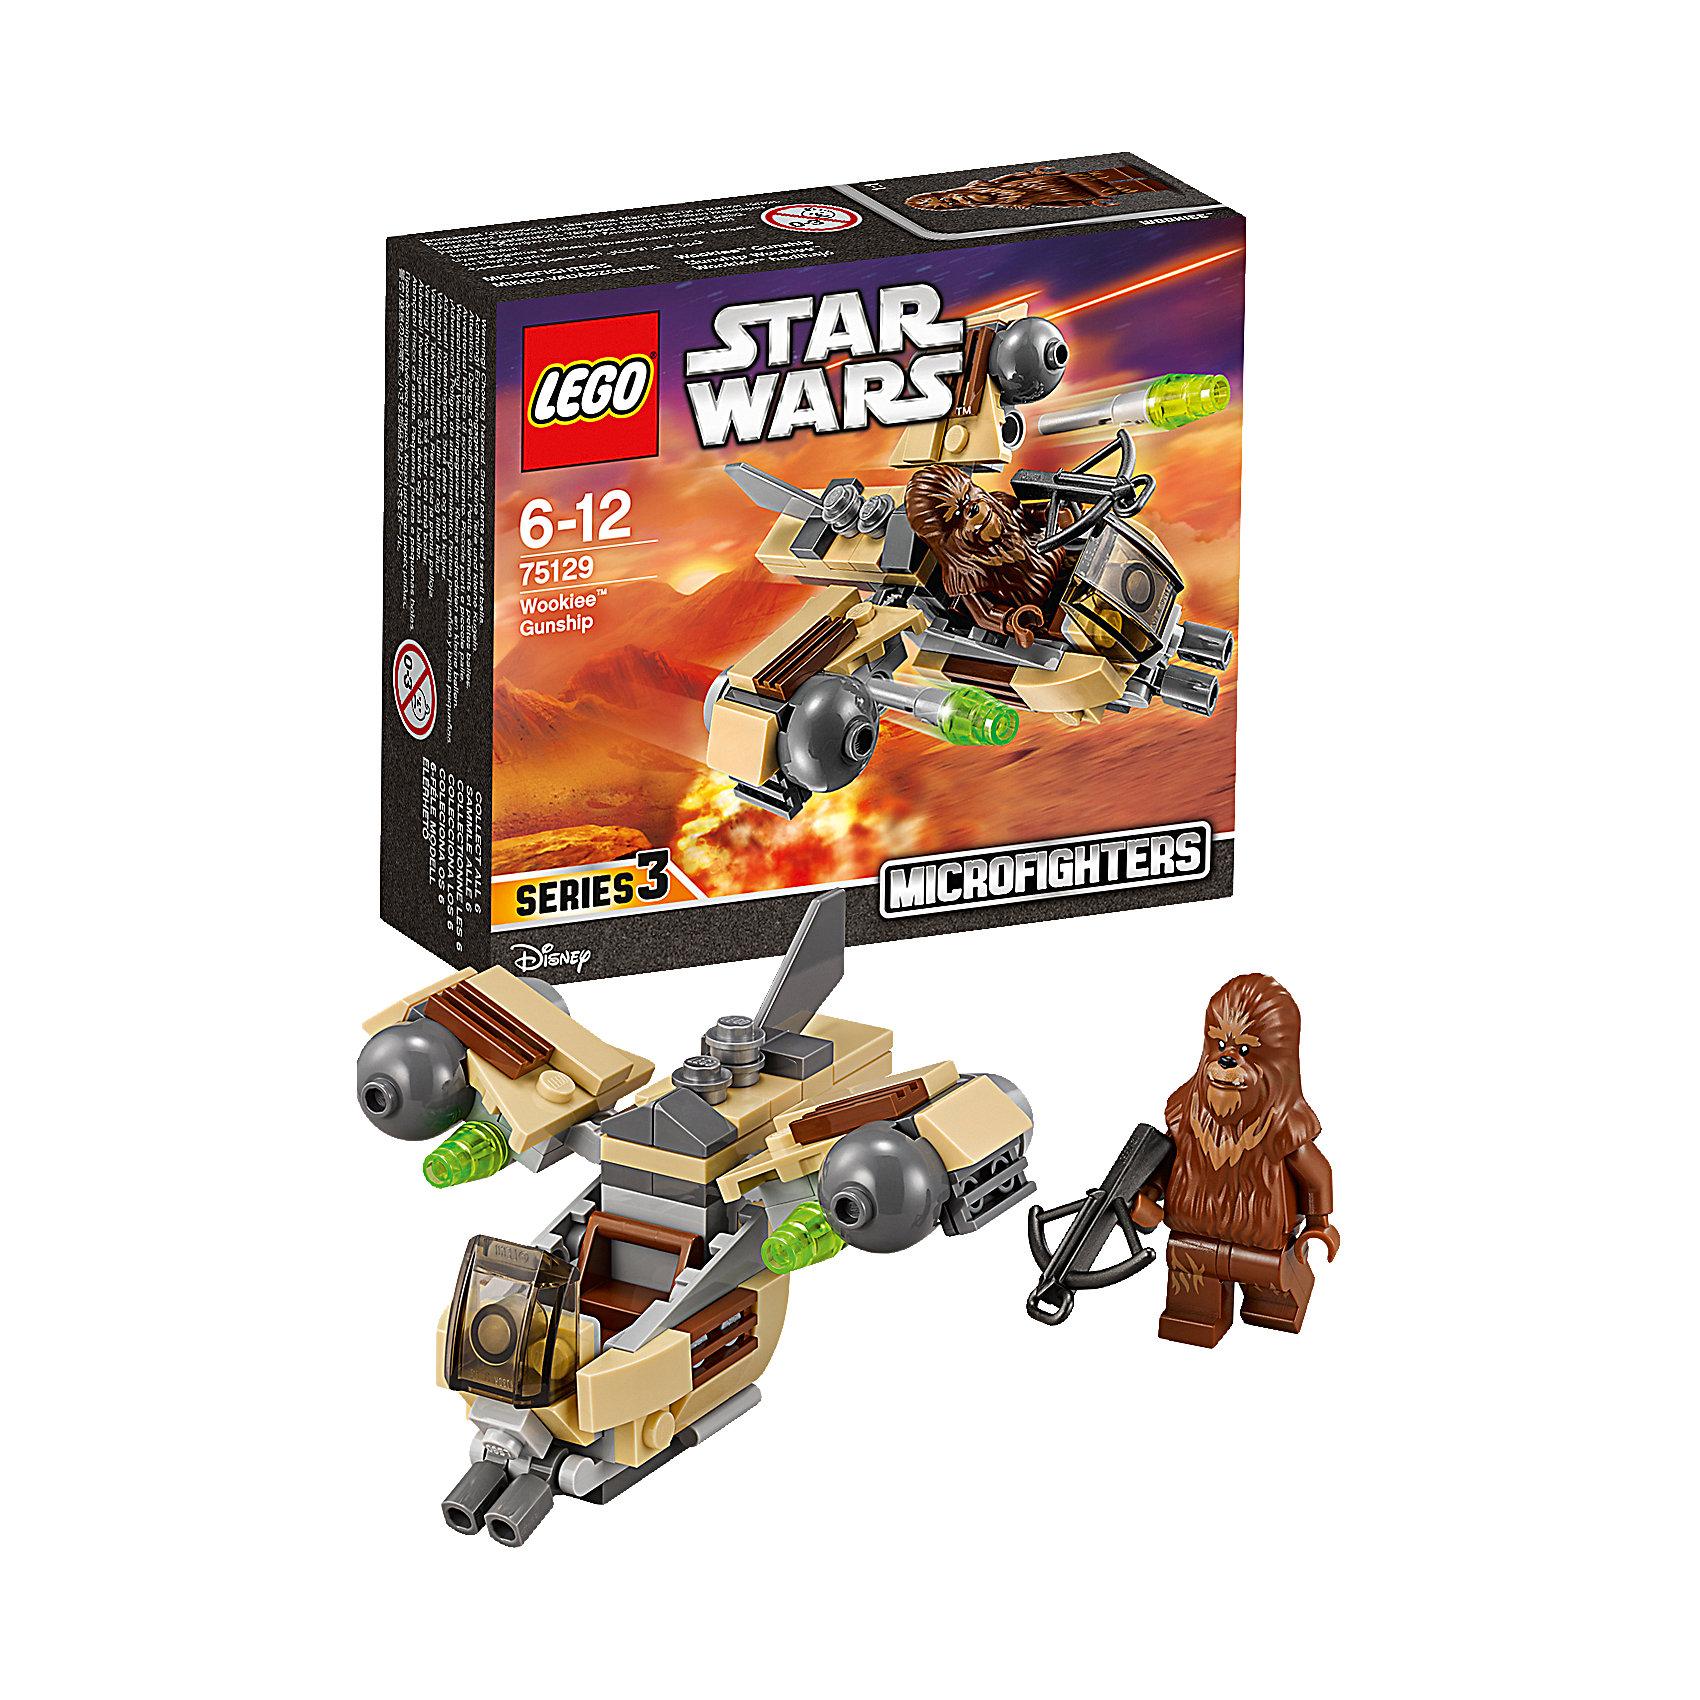 LEGO Star Wars 75129: Боевой корабль Вуки™Игрушки<br>LEGO Star Wars (ЛЕГО Звездные войны) 75129: Боевой корабль Вуки станет прекрасным подарком для всех поклонников знаменитой киносаги. Новый истребитель из серии микрофайтеров Lego Star Wars прекрасно детализирован и очень похож на корабль повстанцев из мультсериала Звездные Войны: Повстанцы. Спереди на носу корабля размещается кабина пилота с сиденьем и подвижные декоративные пушки, сзади прикреплен хвостовой плавник. В крылья корабля встроены мощные двигатели, под которыми находятся пусковые установки со стреляющими снарядами-ракетками. Также, на крыльях и корпусе расположены решетки радиаторов. В комплект входит одна минифурка пилота - Вуки, вооруженного арбалетом.  <br><br>Все конструкторы серии ЛЕГО Звездные войны созданы по мотивам знаменитой киносаги Звездные войны и воспроизводят самые популярные сюжеты и эпизоды фильма. В наборах представлены все основные средства вооружения и боевые единицы, задействованные в фильме.<br>Фантастические истребители, машины, роботы, оружие, фигурки персонажей выполнены очень реалистично, с высокой степенью детализации.<br><br>Дополнительная информация:<br><br>- Игра с конструктором LEGO (ЛЕГО) развивает мелкую моторику ребенка, фантазию и воображение, учит его усидчивости и внимательности.<br>- Количество деталей: 84.<br>- Количество минифигур: 1.<br>- Серия: LEGO Star Wars (ЛЕГО Звездные войны).<br>- Материал: пластик.<br>- Размер упаковки: 14 х 4,5 х 12 см.<br>- Вес: 0,1 кг.<br><br>Конструктор LEGO Star Wars (ЛЕГО Звездные войны) 75129: Боевой корабль Вуки можно купить в нашем интернет-магазине.<br><br>Ширина мм: 143<br>Глубина мм: 121<br>Высота мм: 48<br>Вес г: 90<br>Возраст от месяцев: 72<br>Возраст до месяцев: 144<br>Пол: Мужской<br>Возраст: Детский<br>SKU: 4259014